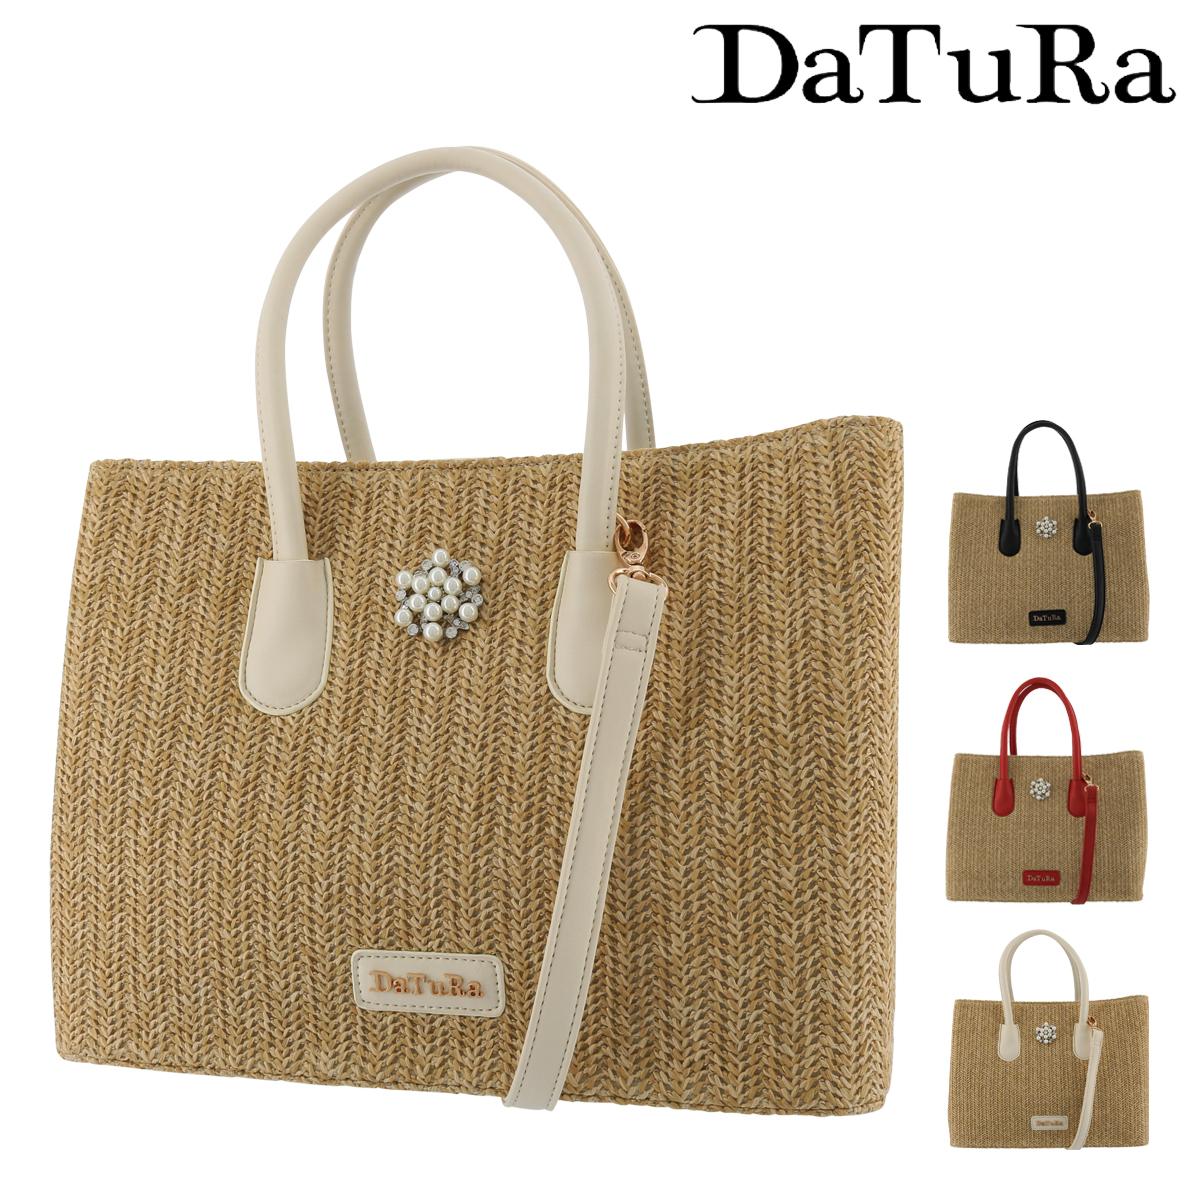 ダチュラ DaTuRa ハンドバッグ 送料無料 2WAY レディース カゴバッグ A4 bef 卓抜 DTR-506 PO5 品質保証